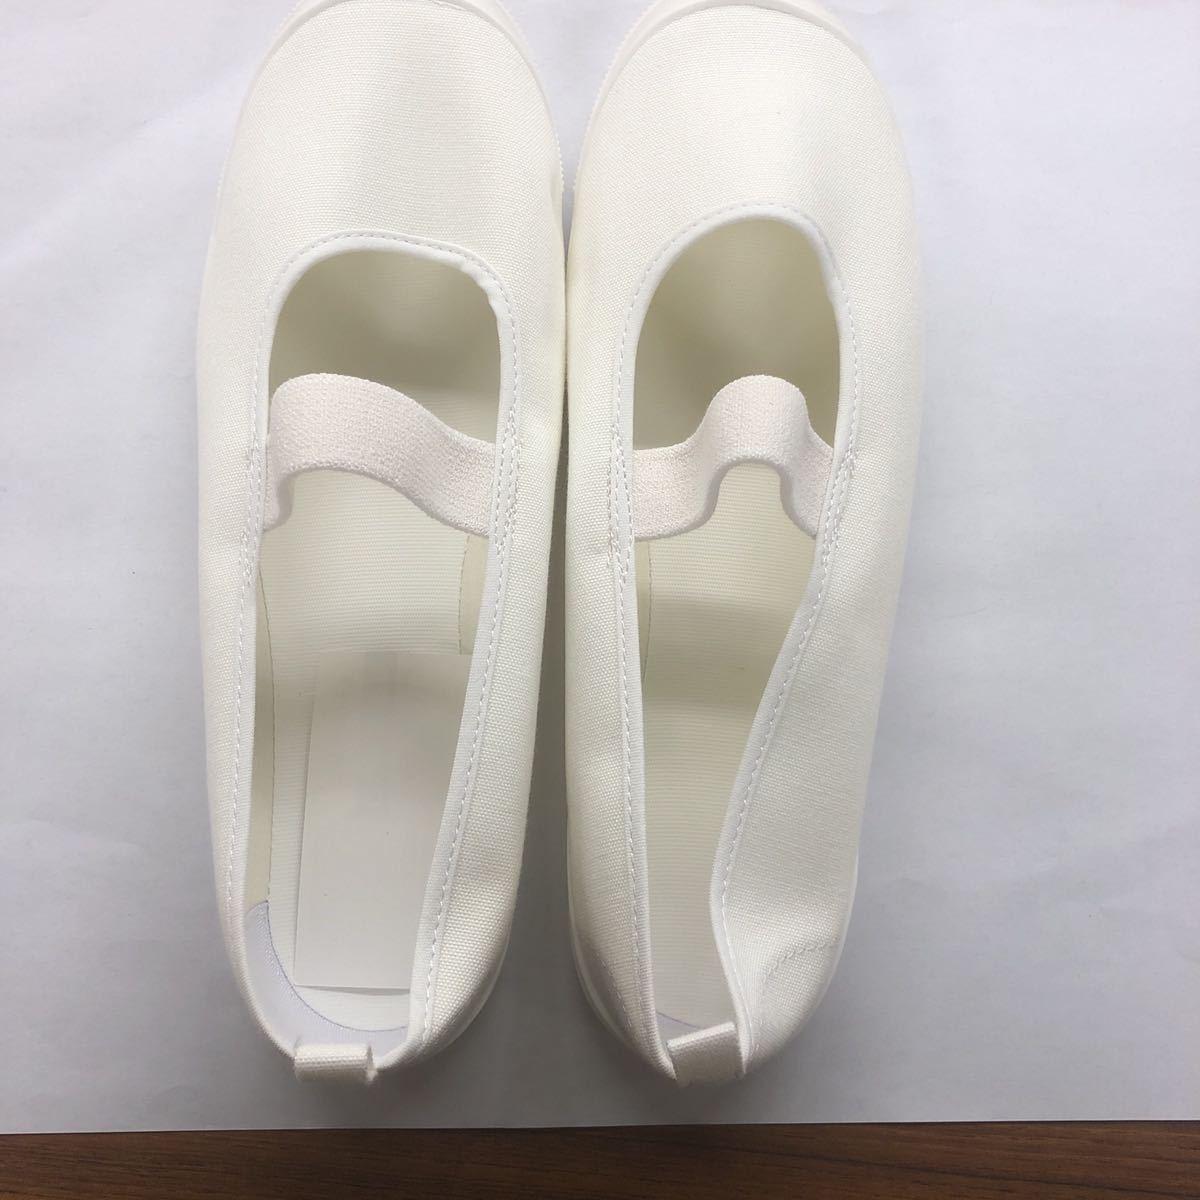 ムーンスター上履き25センチ白靴1足_画像1